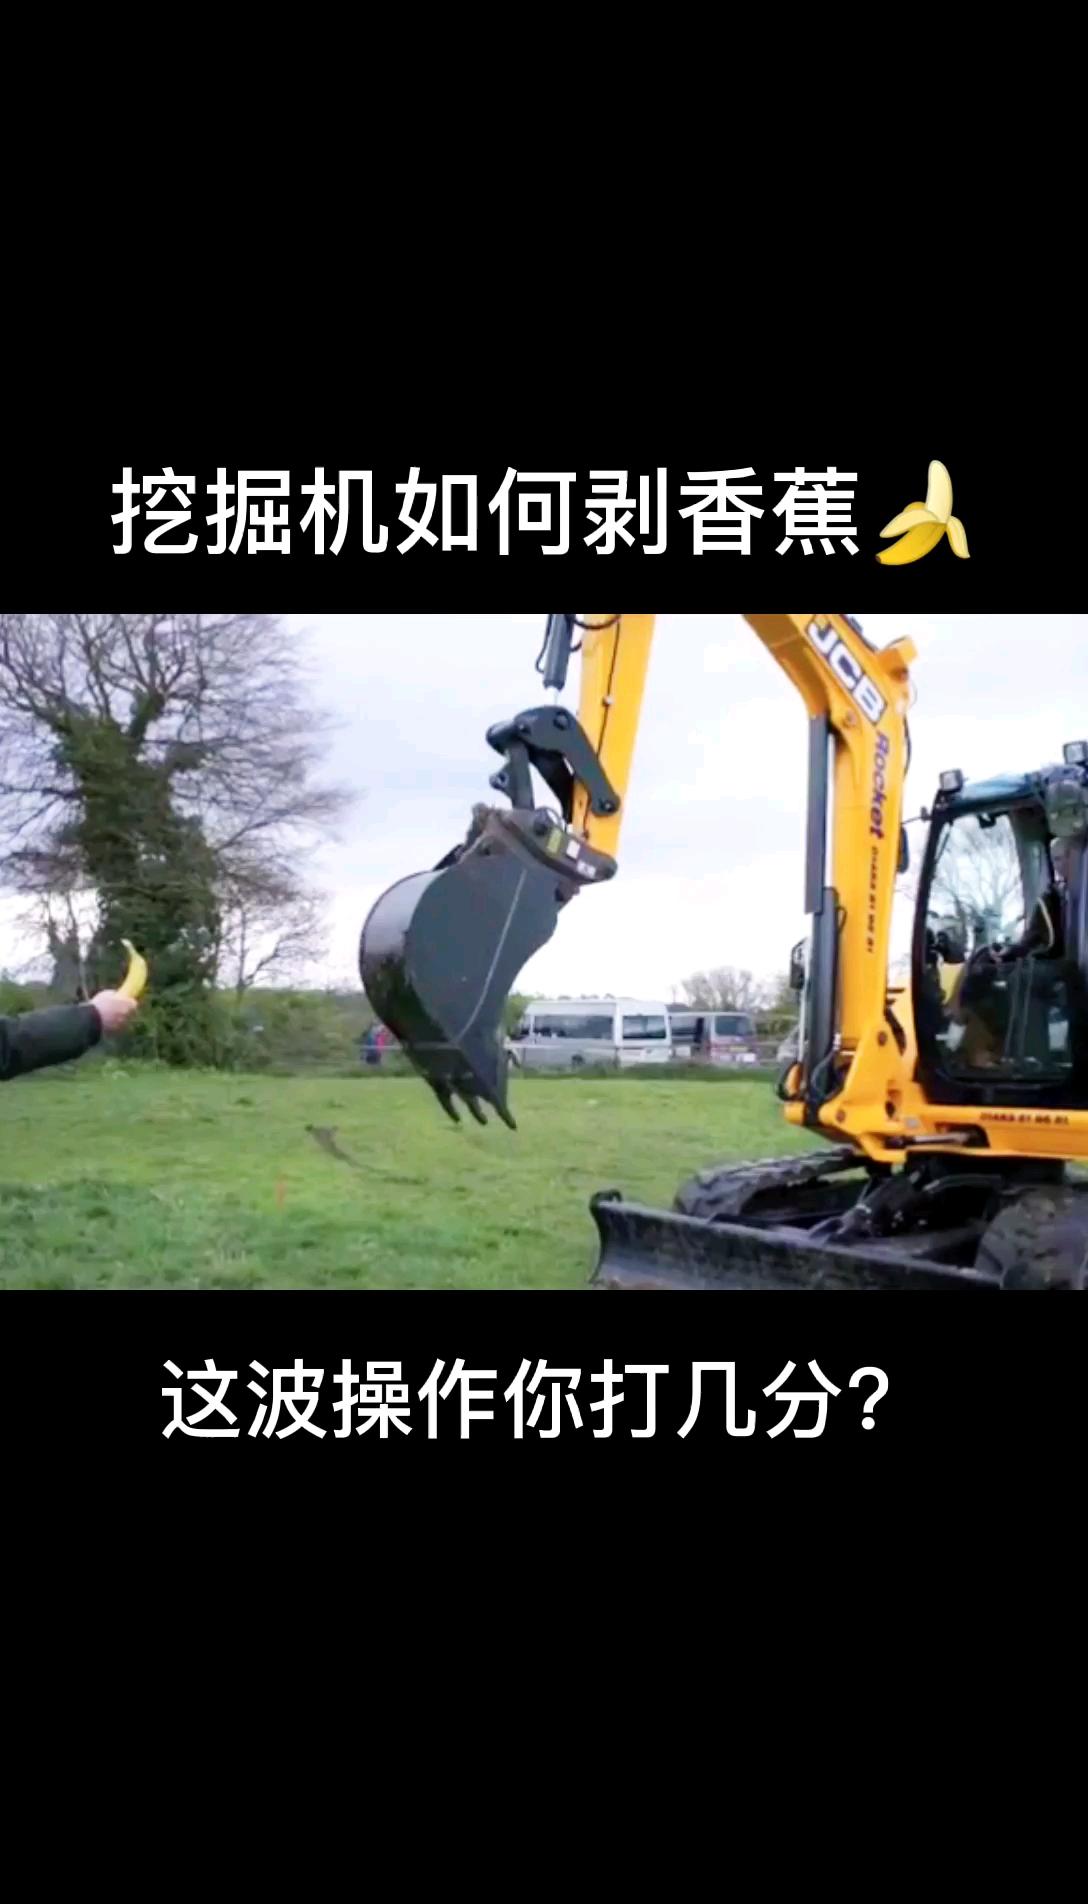 挖掘机秀才艺,还能剥香蕉?